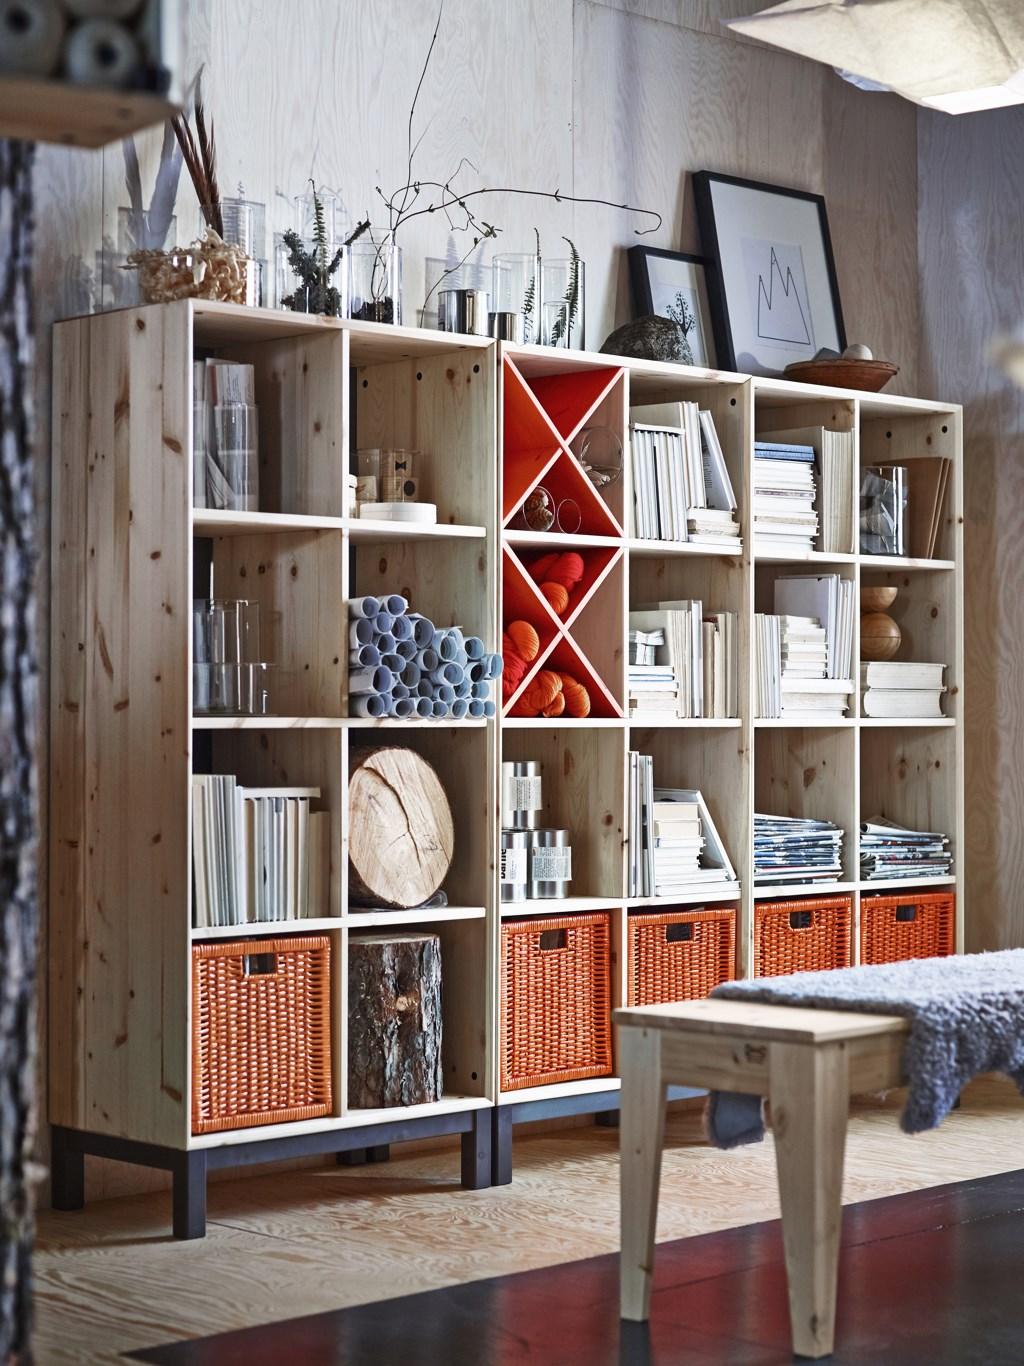 Decorablog - Decoración, muebles e interiorismo - Consejos ... - photo#24